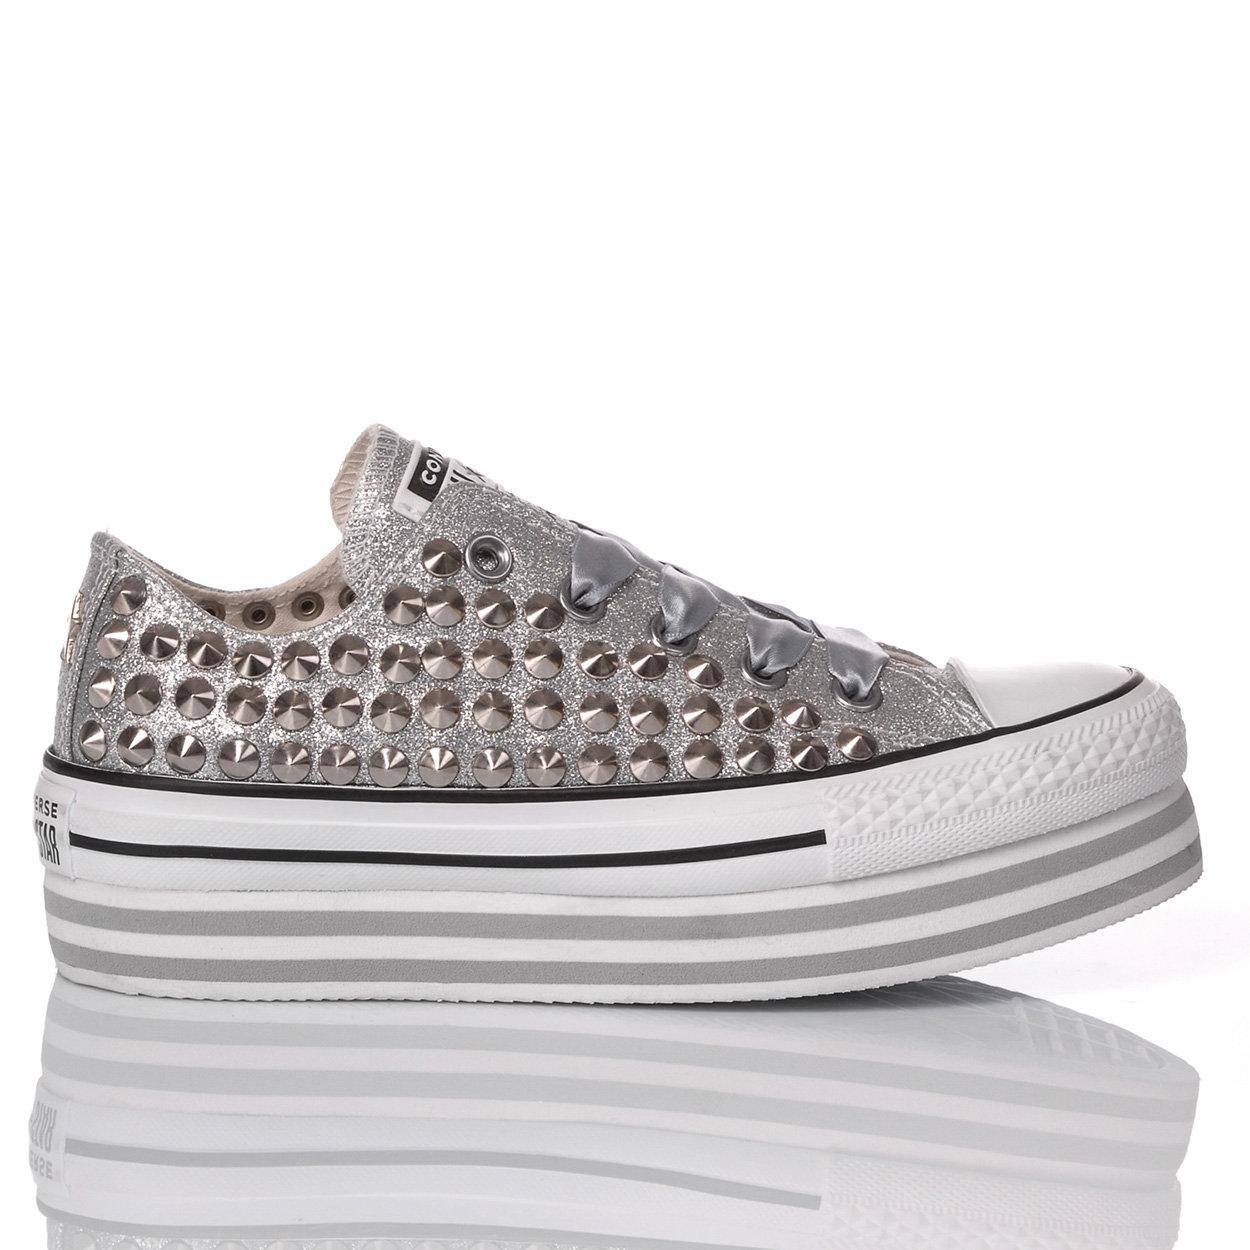 CONVERSE ALL STAR Sneakers glitterate con borchie all over grigie